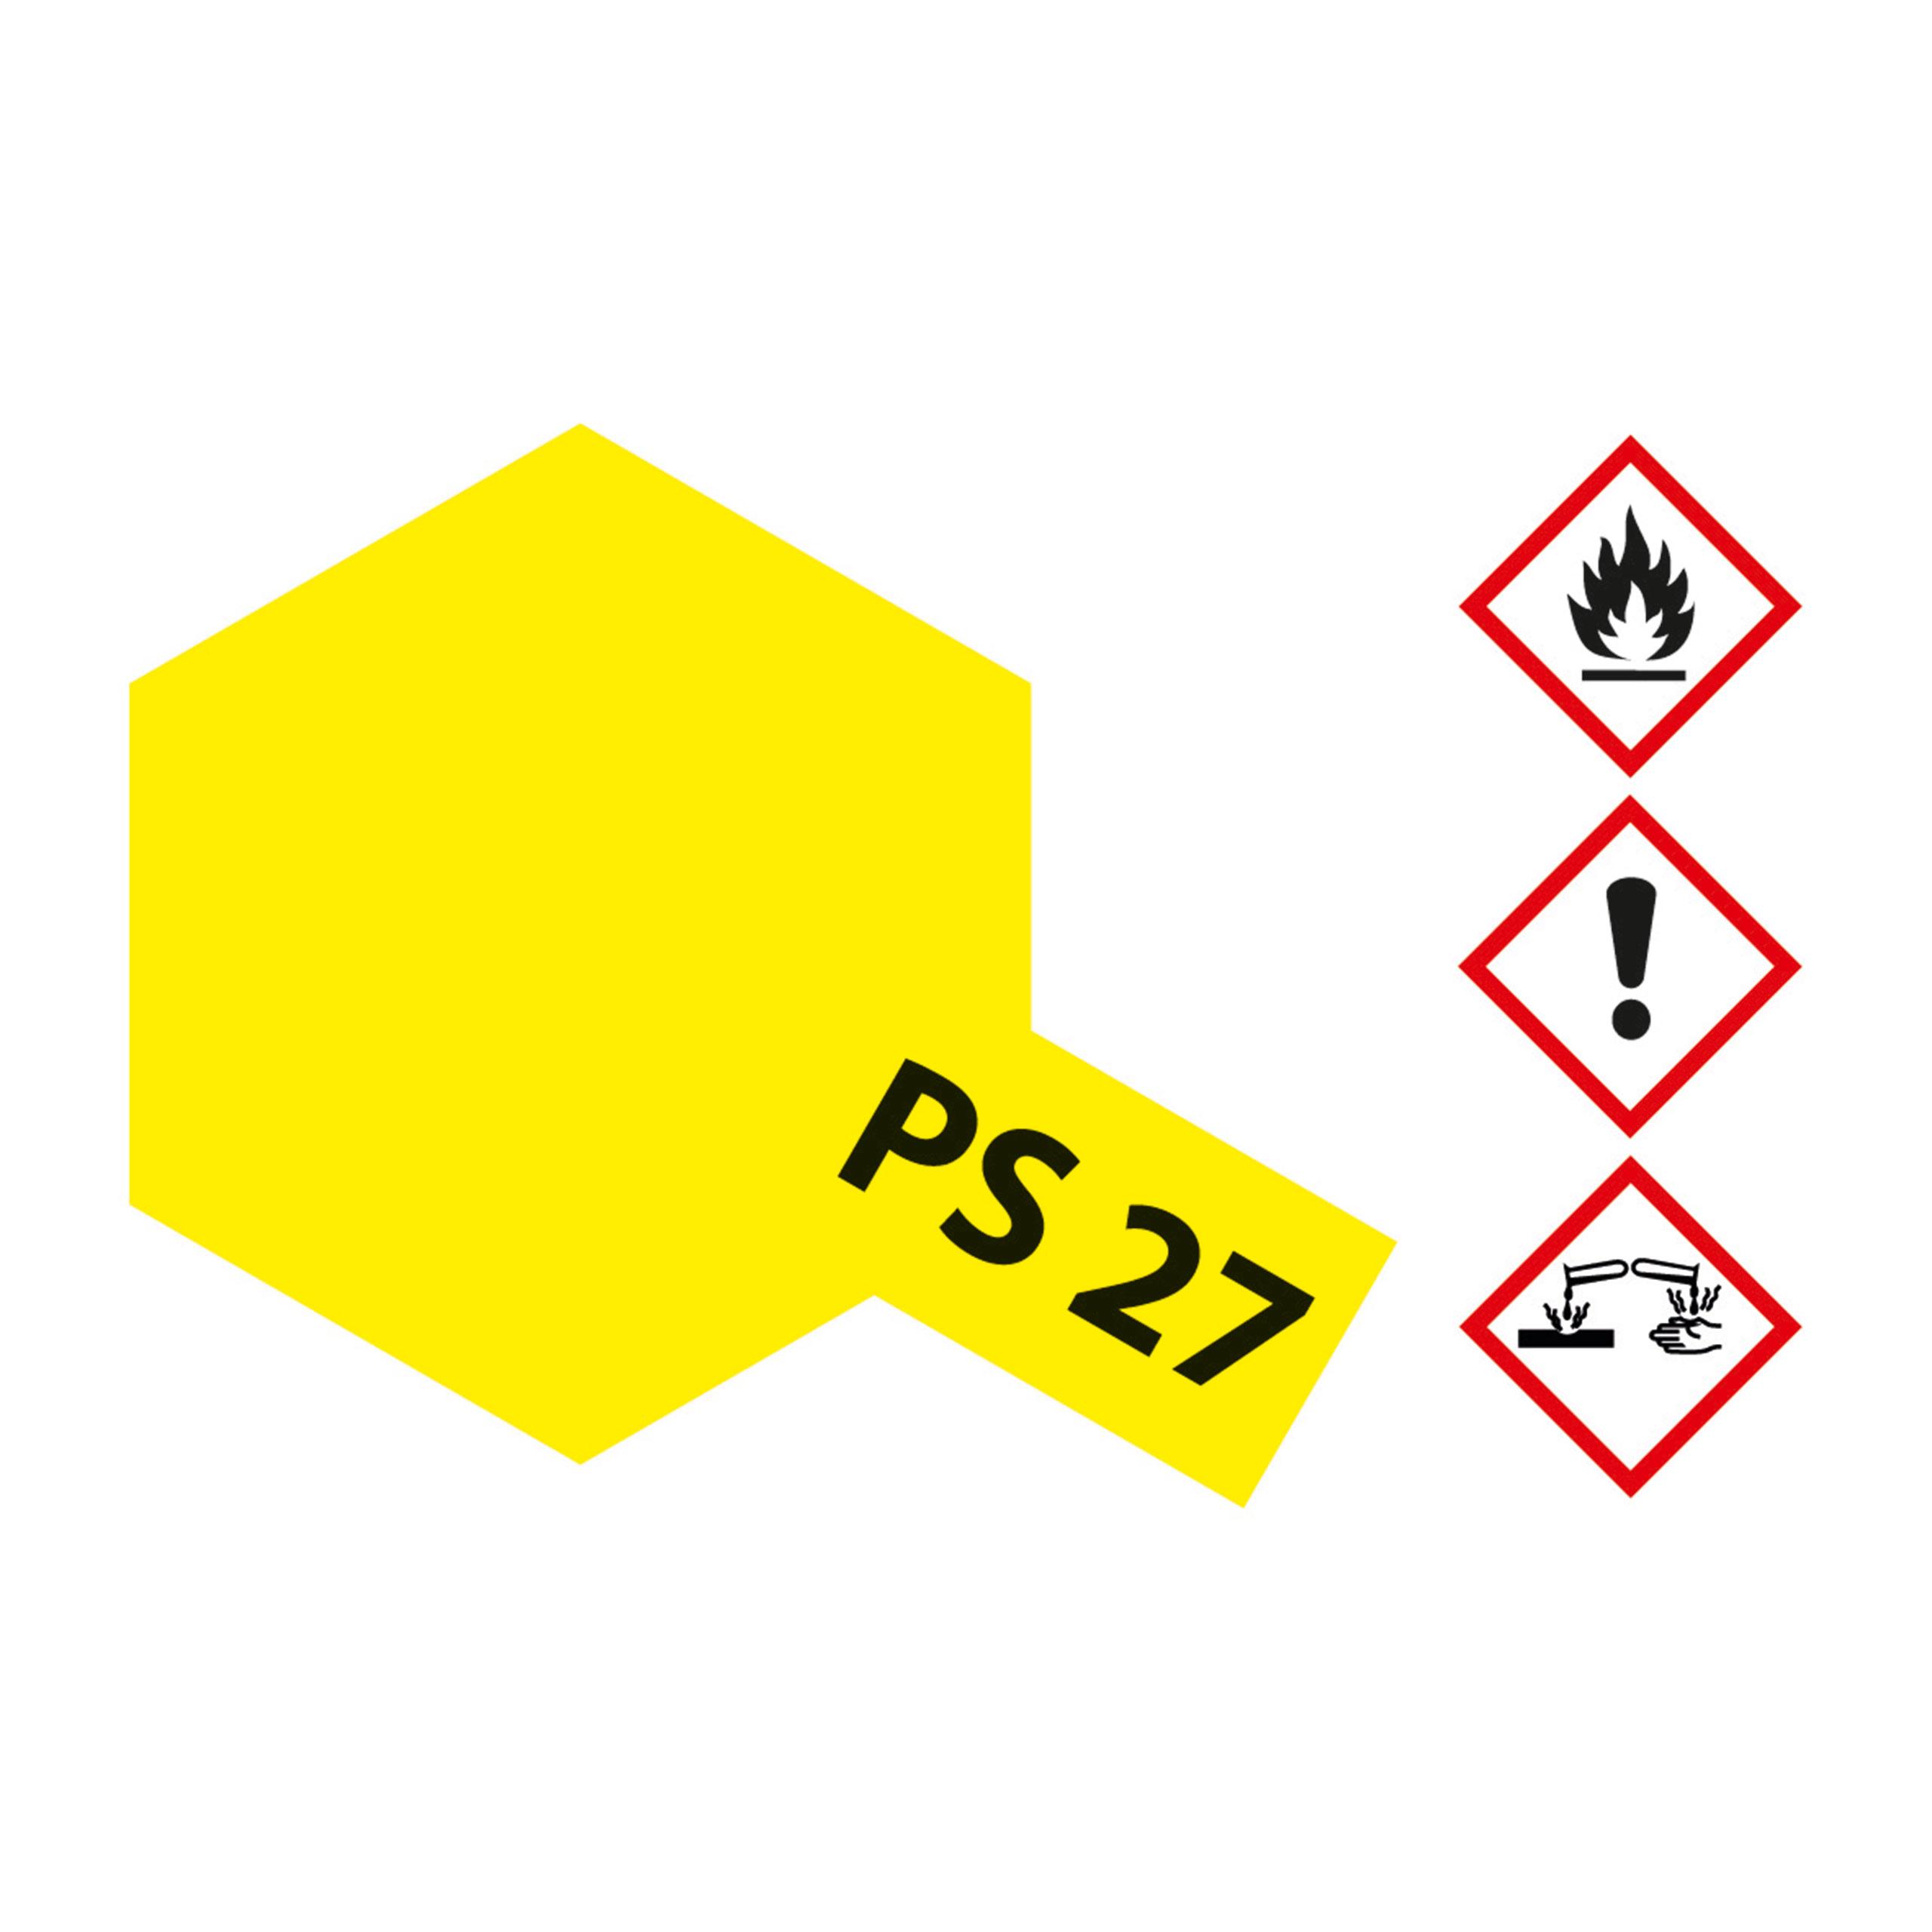 PS-27 Neon Gelb Polycarbonat - 100ml Sprayfarbe Lexan - Tamiya 300086027